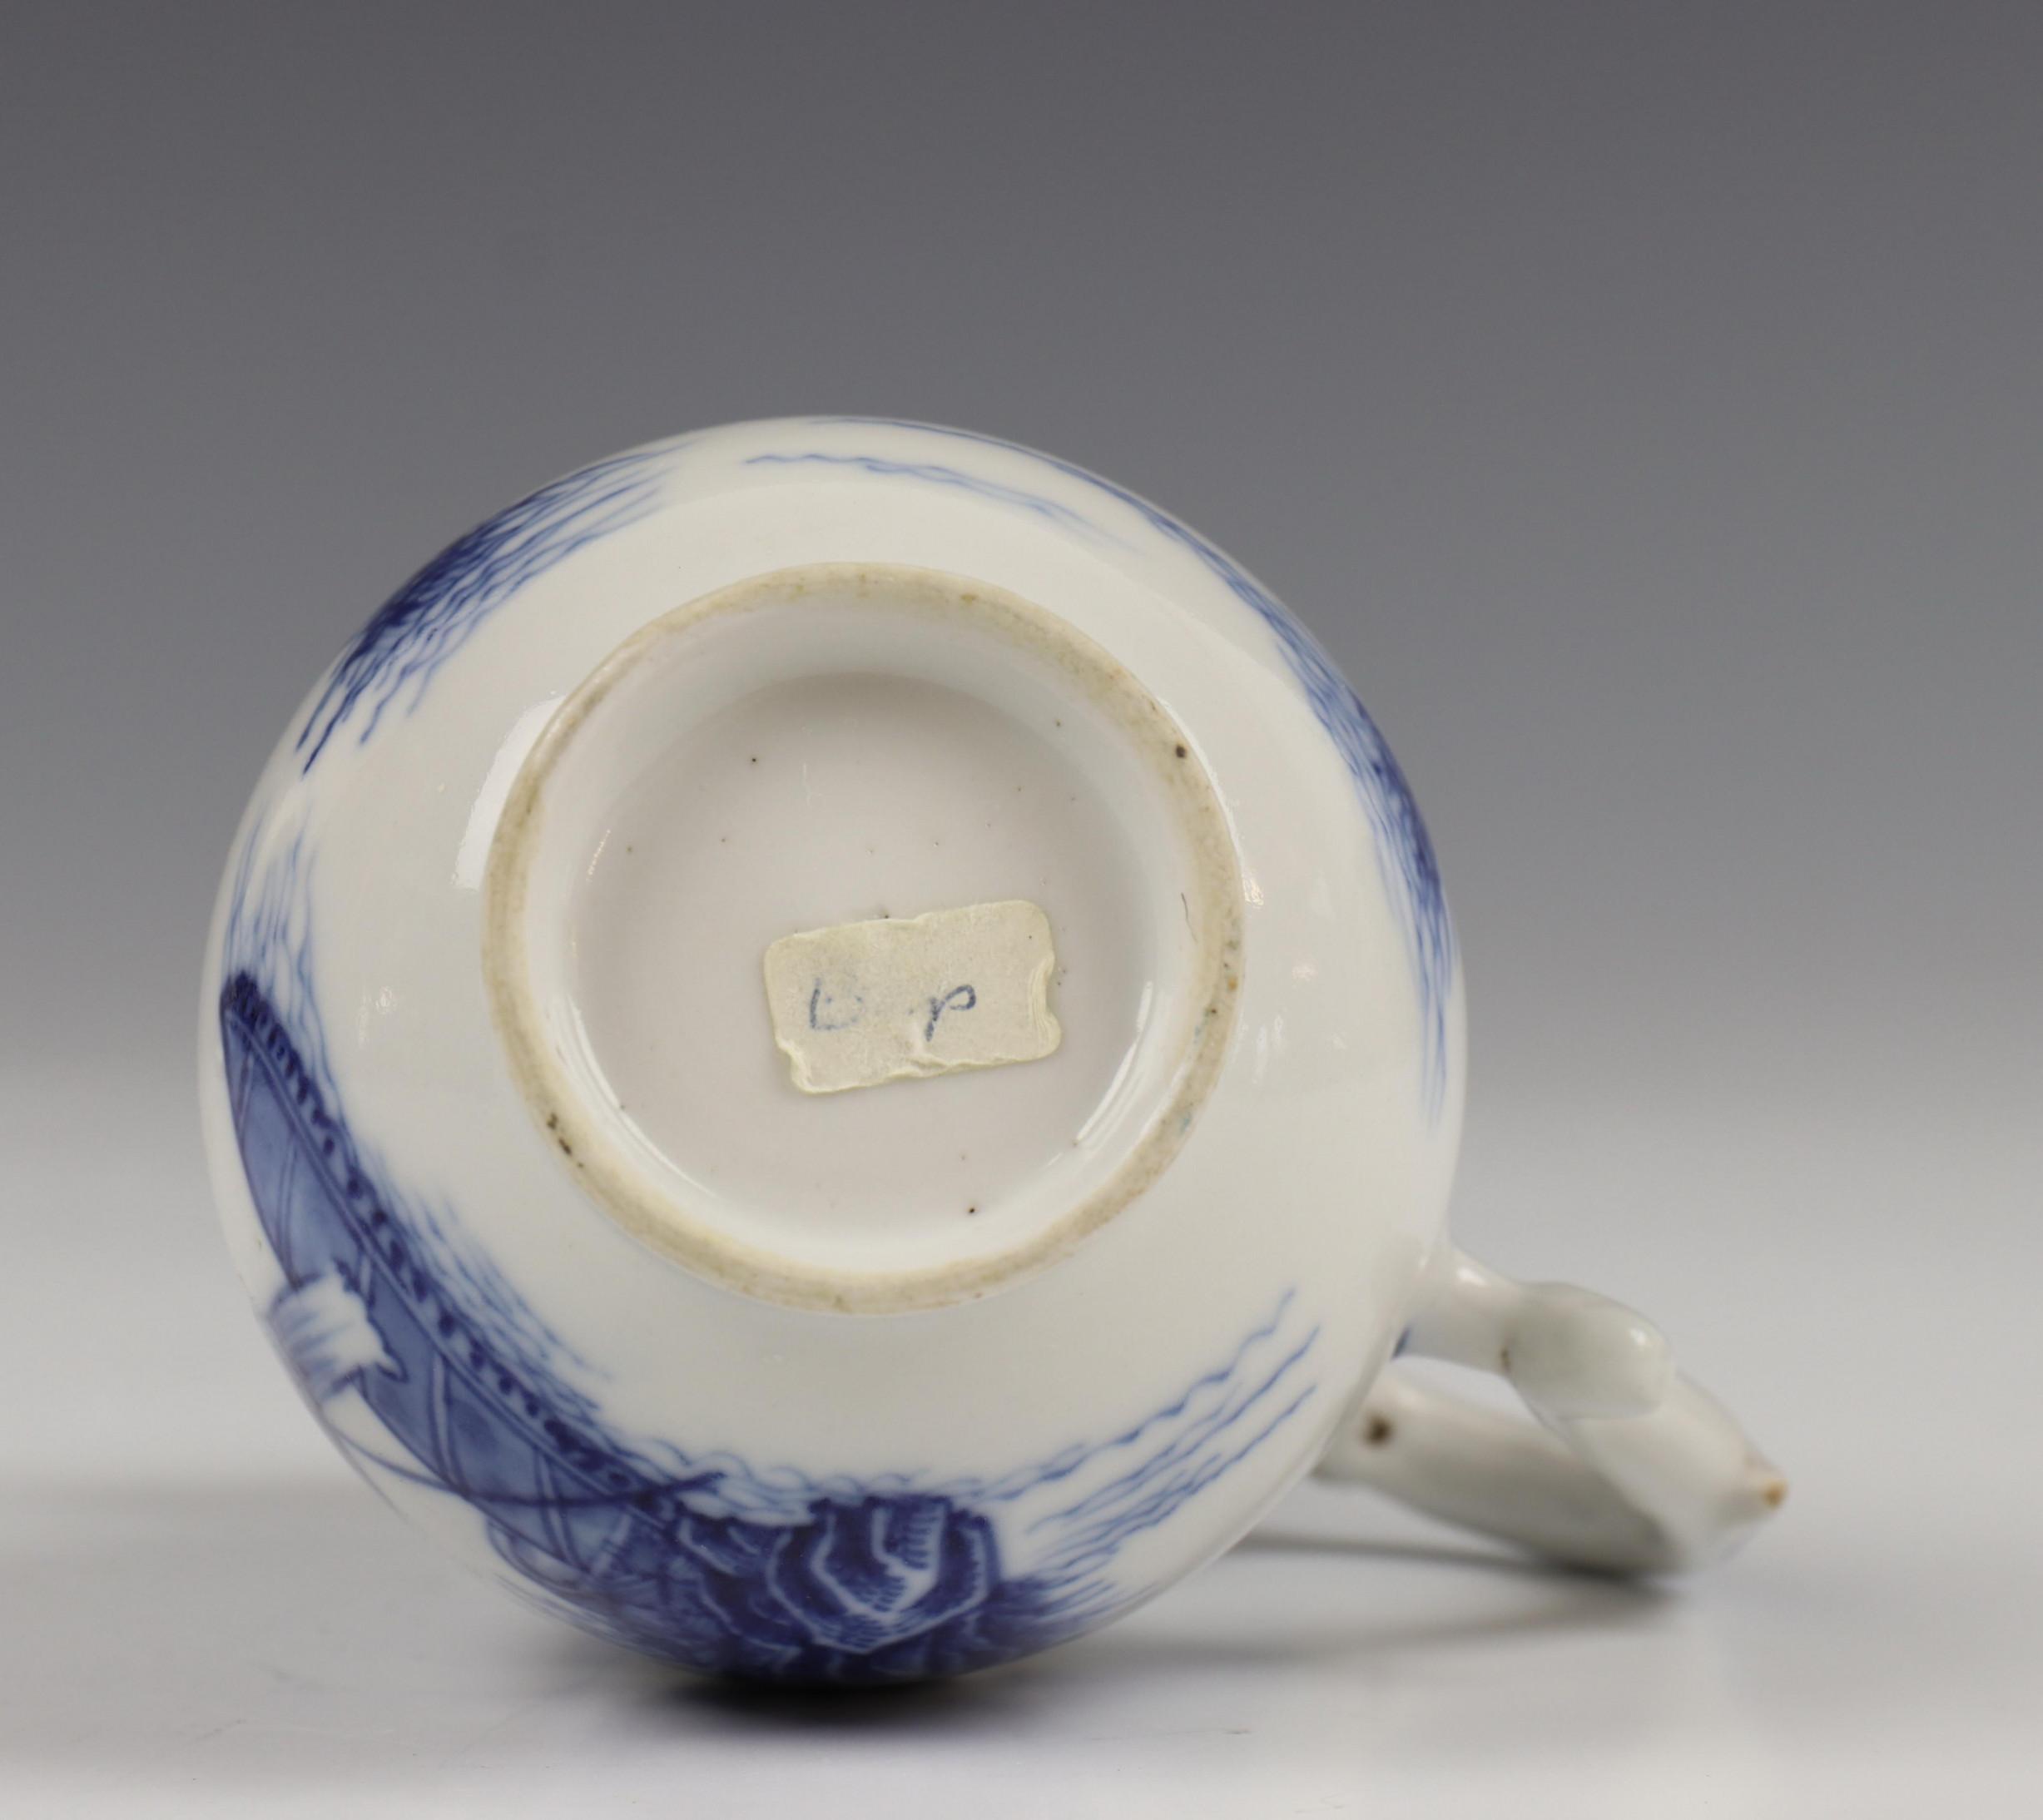 China, blauw-wit porseleinen trekpot, Imari trekpotje en melkkan, 18e eeuw, - Image 15 of 21